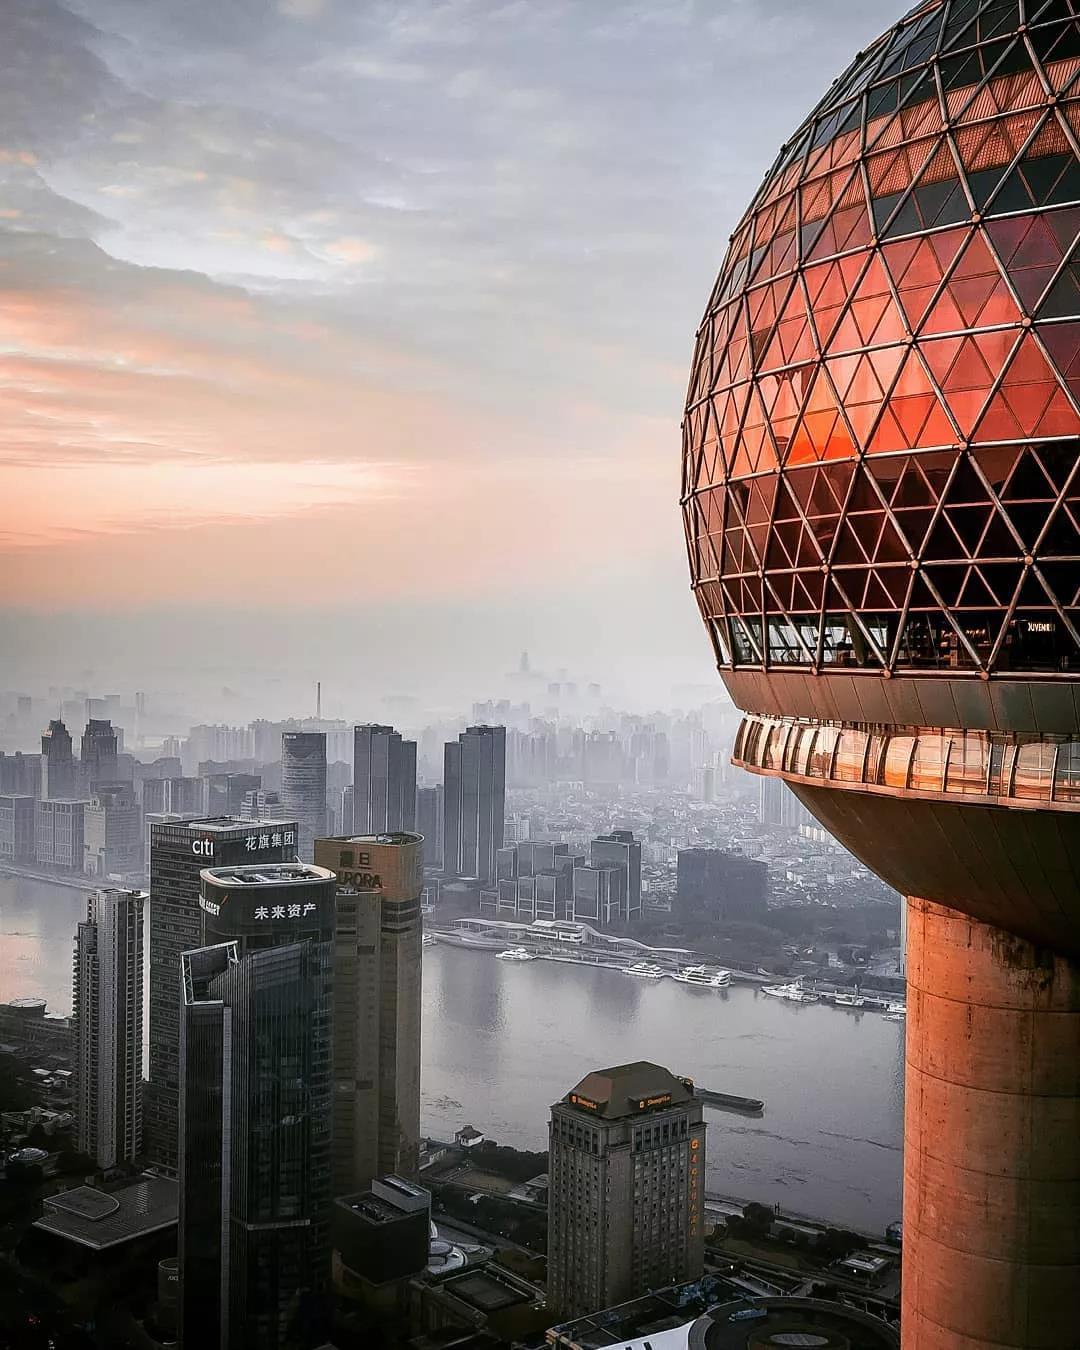 打响宁夏牌,引领新发展,宁夏品质中国行(上海站)隆重举行(图1)